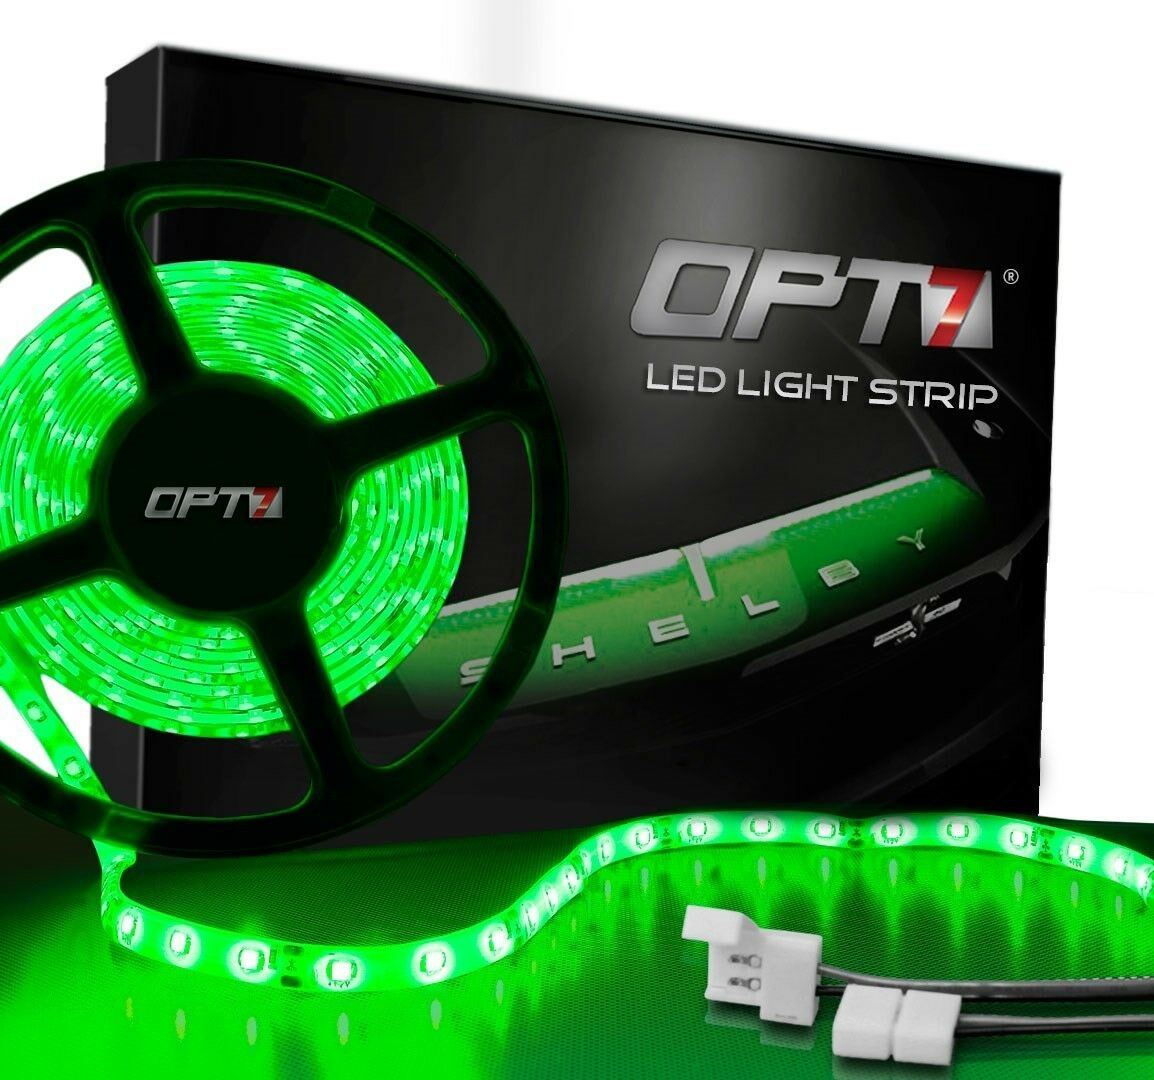 Bright 3528 12 Volt Led Strip Lights 240 Leds: OPT7 300 LED Strip 16ft 5M 3528 SMD Waterproof Flexible